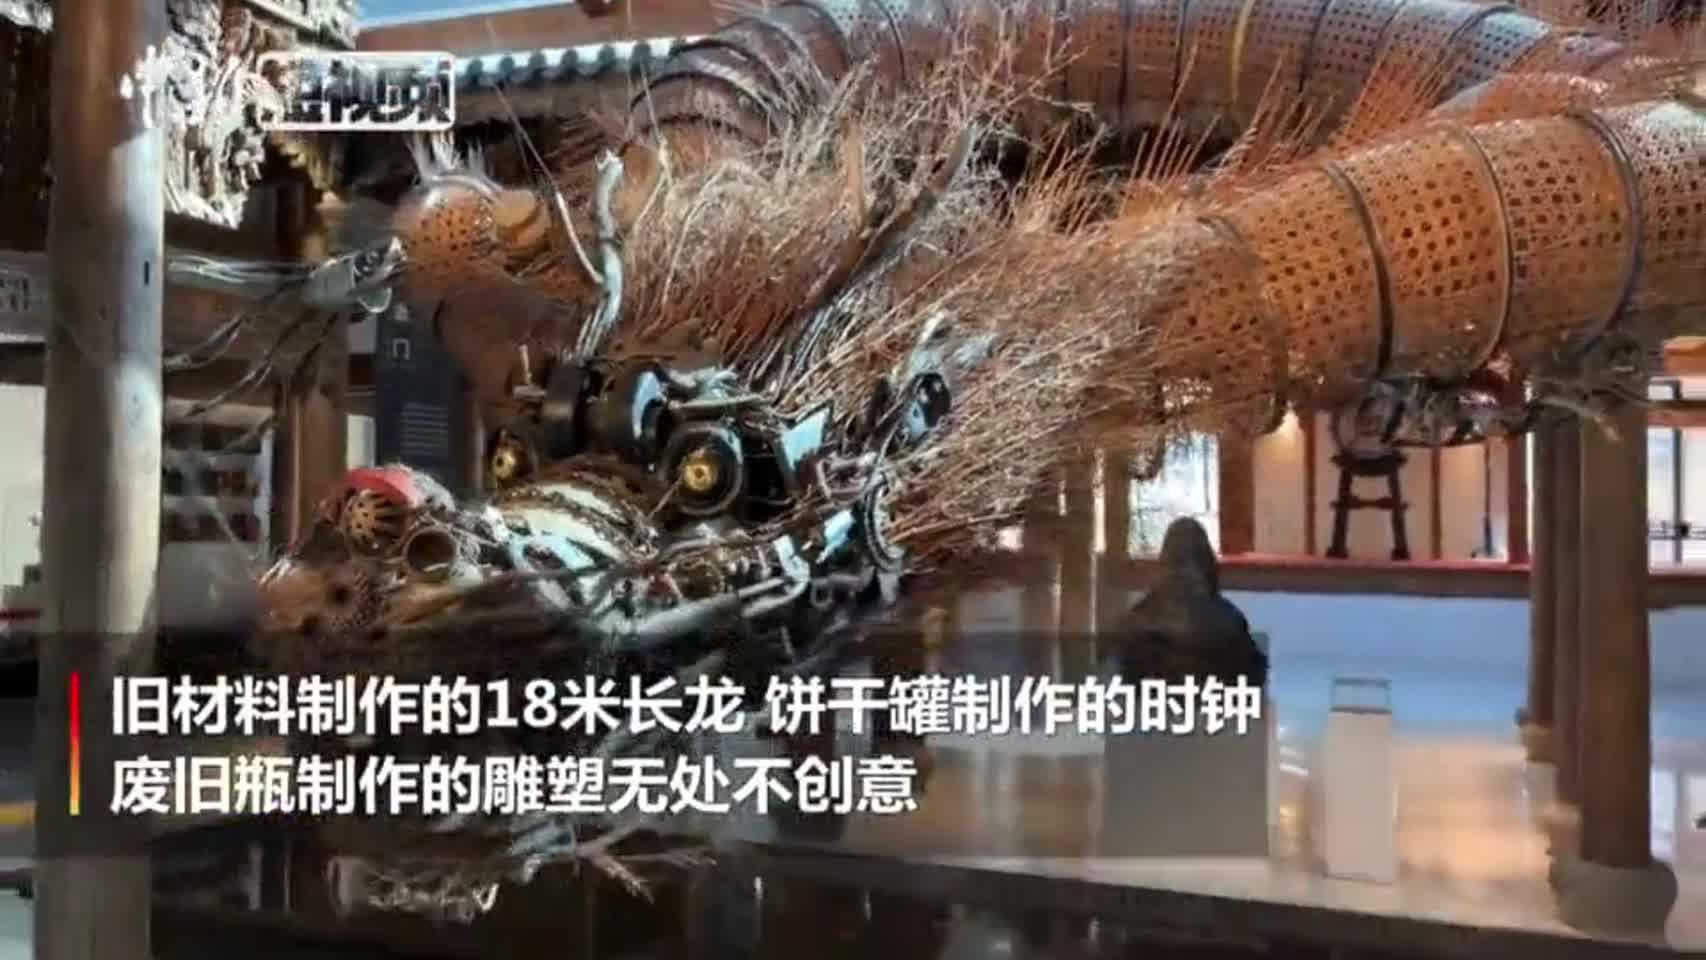 创意十足!探访成龙环保艺术展示馆:废旧道具再利用